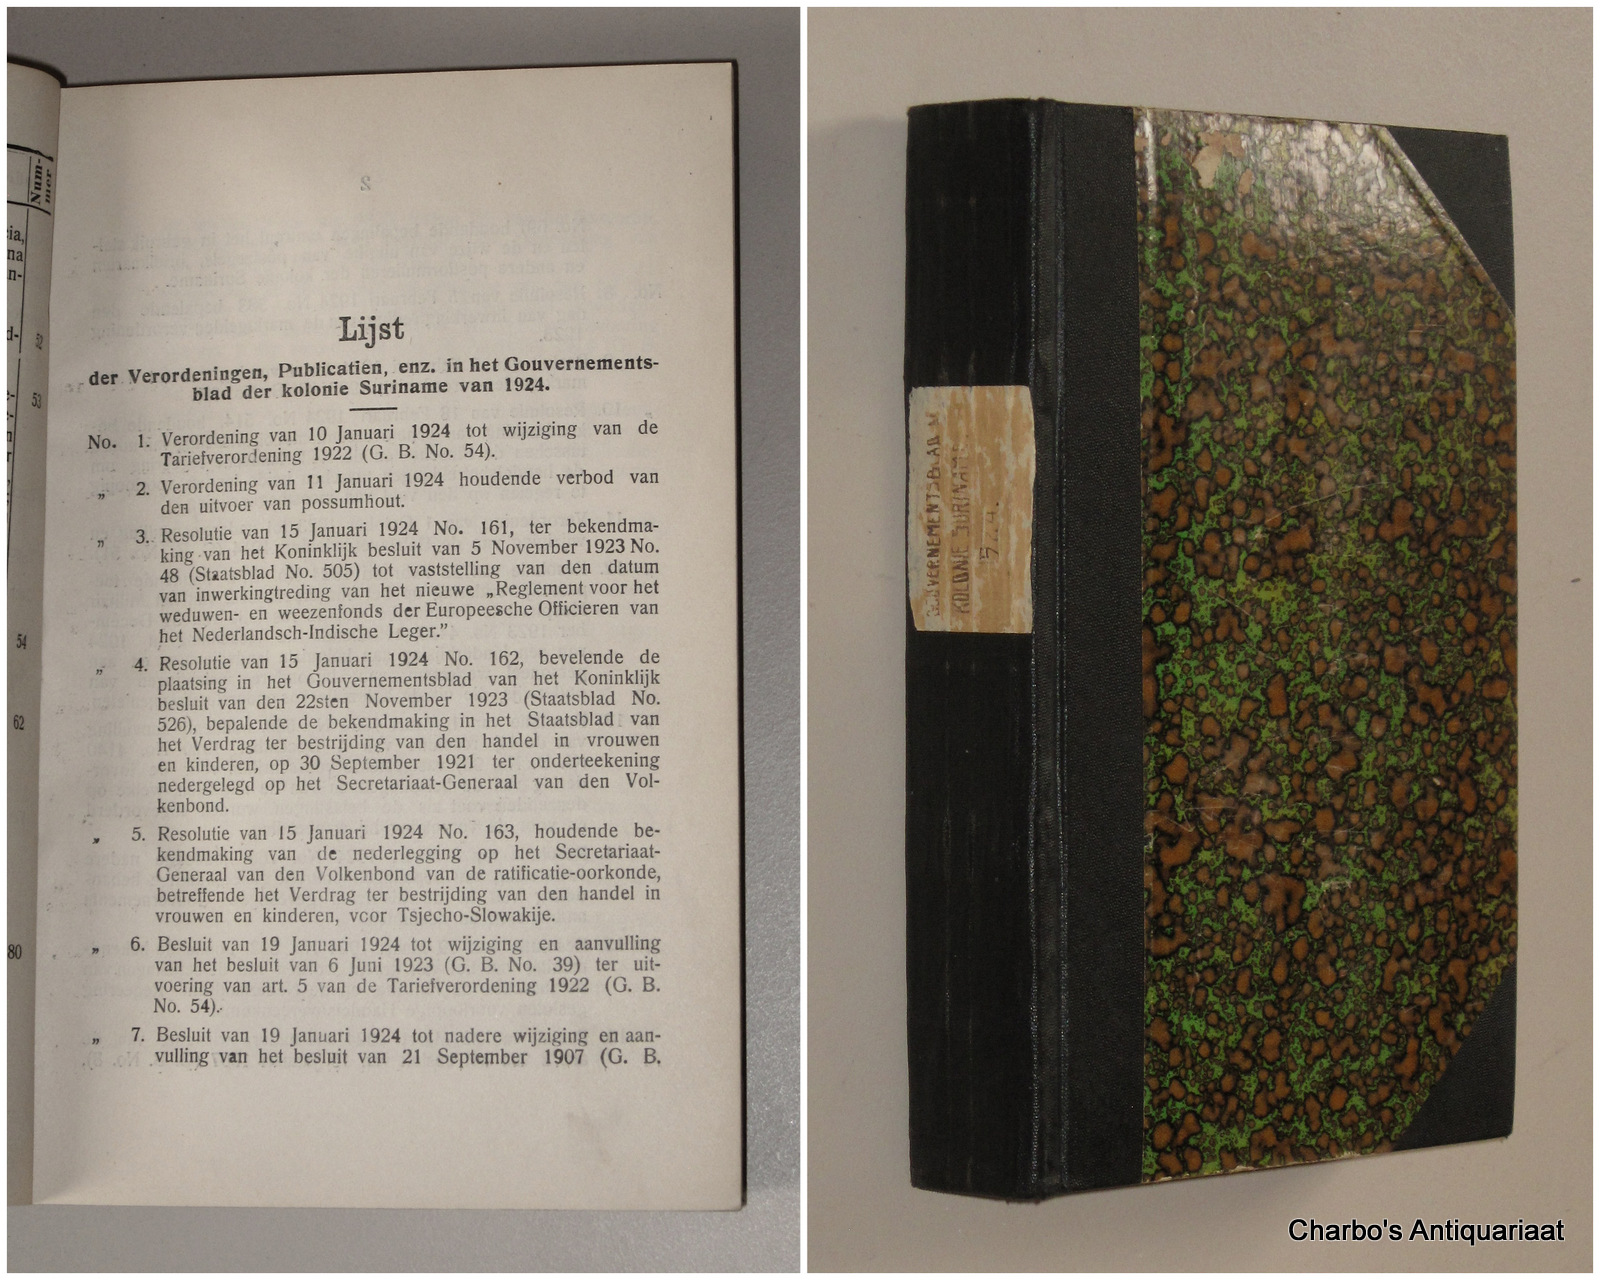 SURINAME. -  Gouvernementsblad van de Kolonie Suriname 1924.